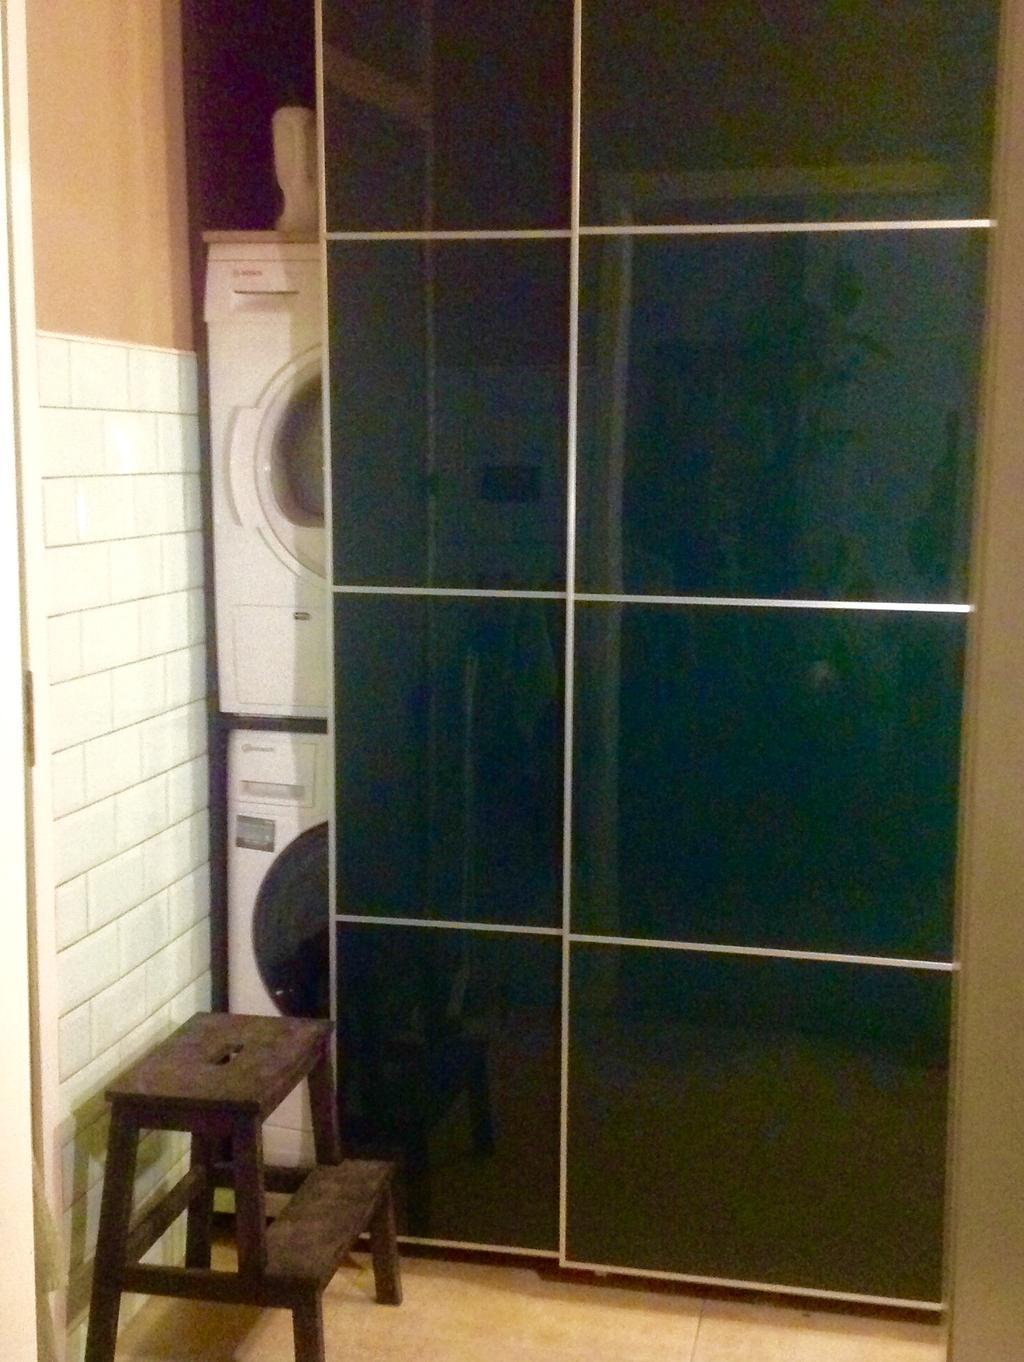 de-nieuwe-keuken-wasmachine-droger-en-vriezer-weggewerkt-achter-plafondhoge-schuifdeuren